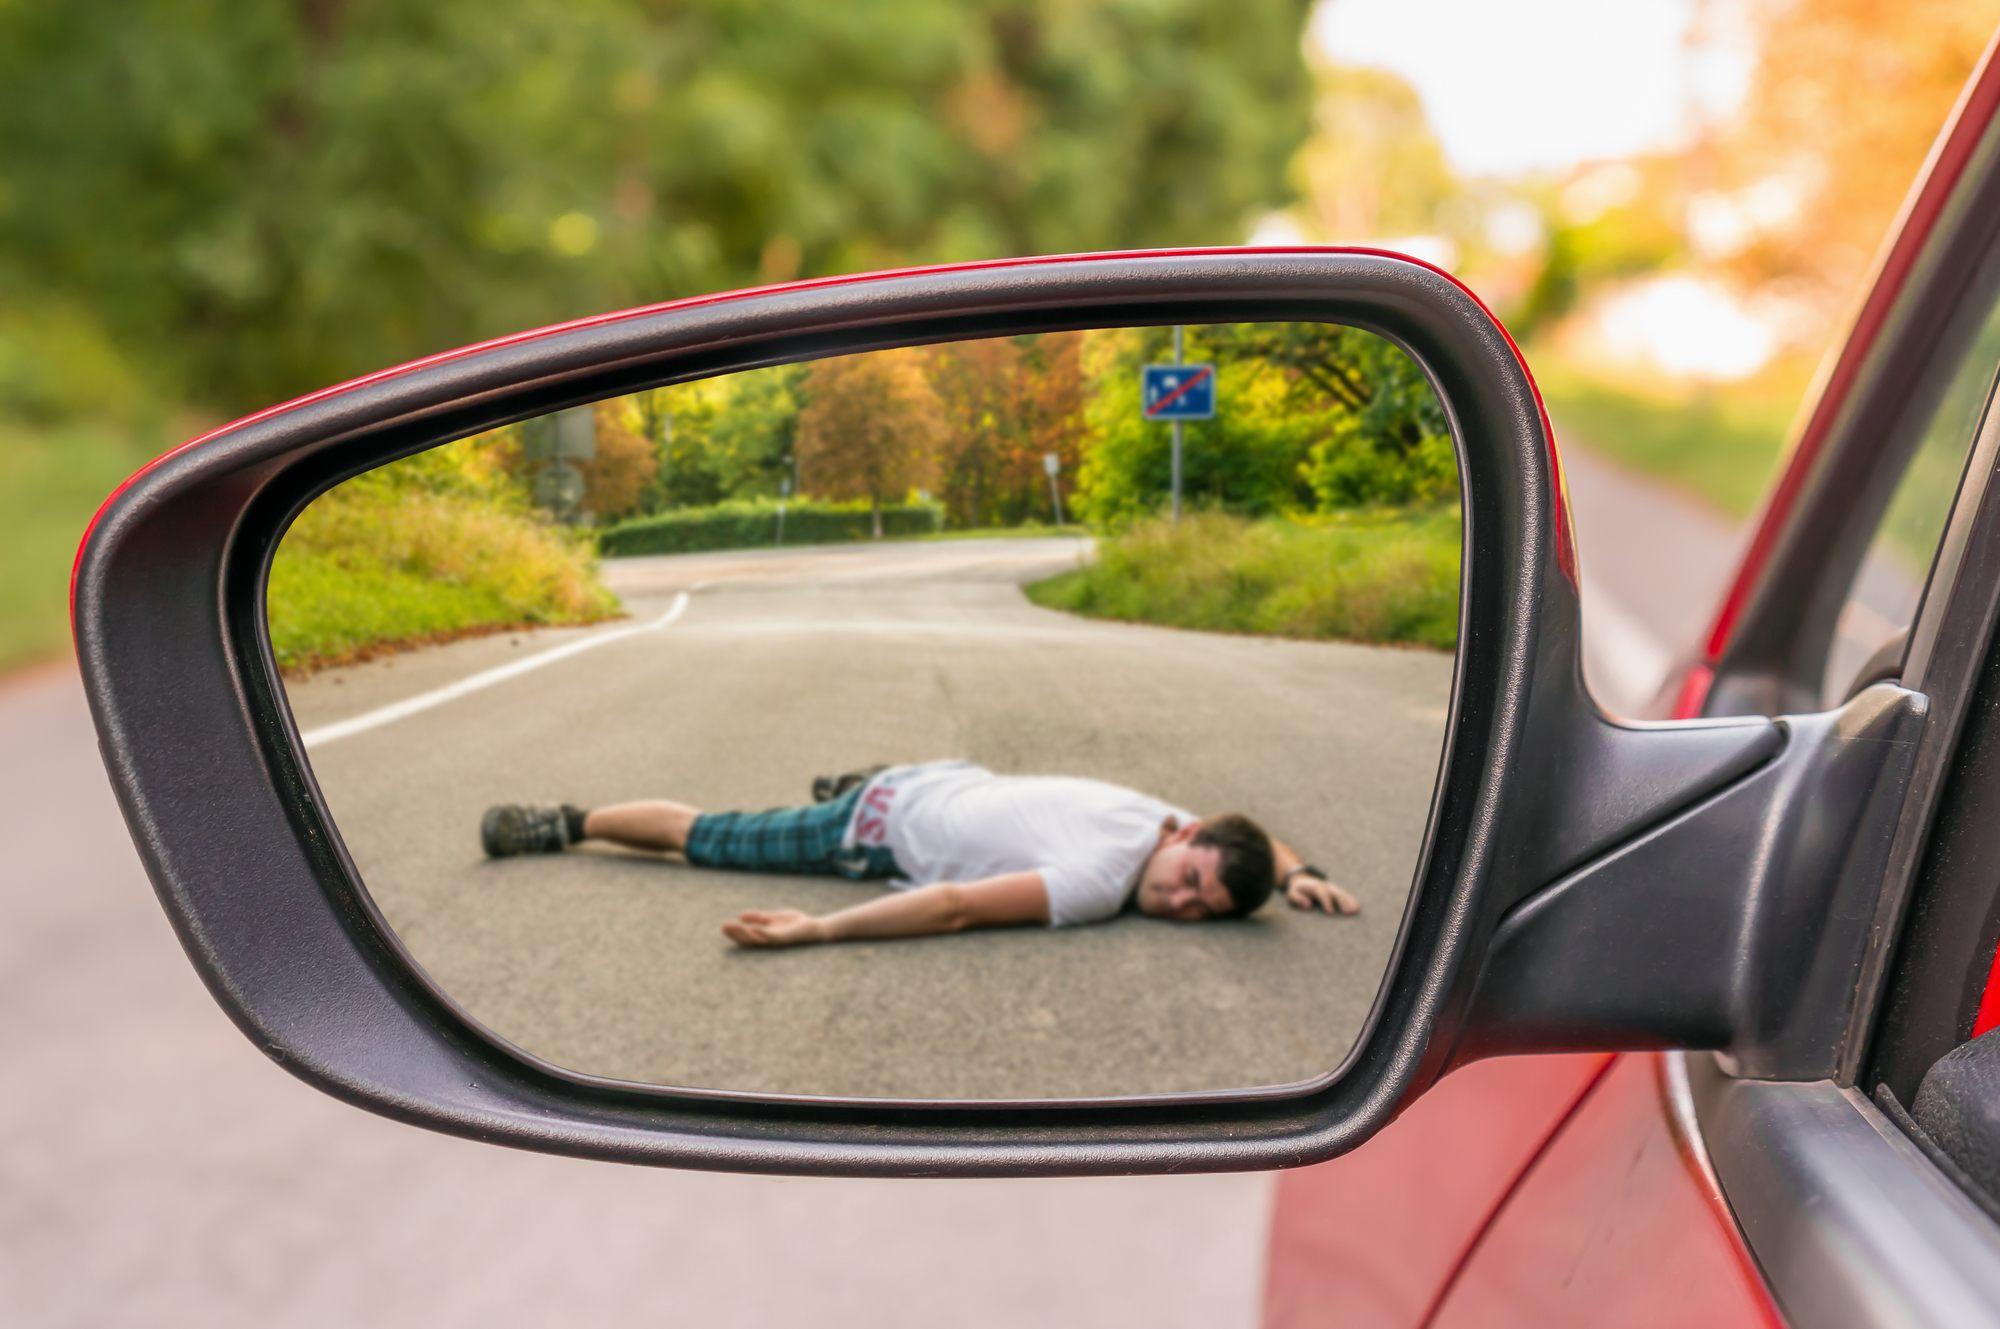 Giải mã giấc mơ thấy tai nạn giao thông nên đánh con gì? 3